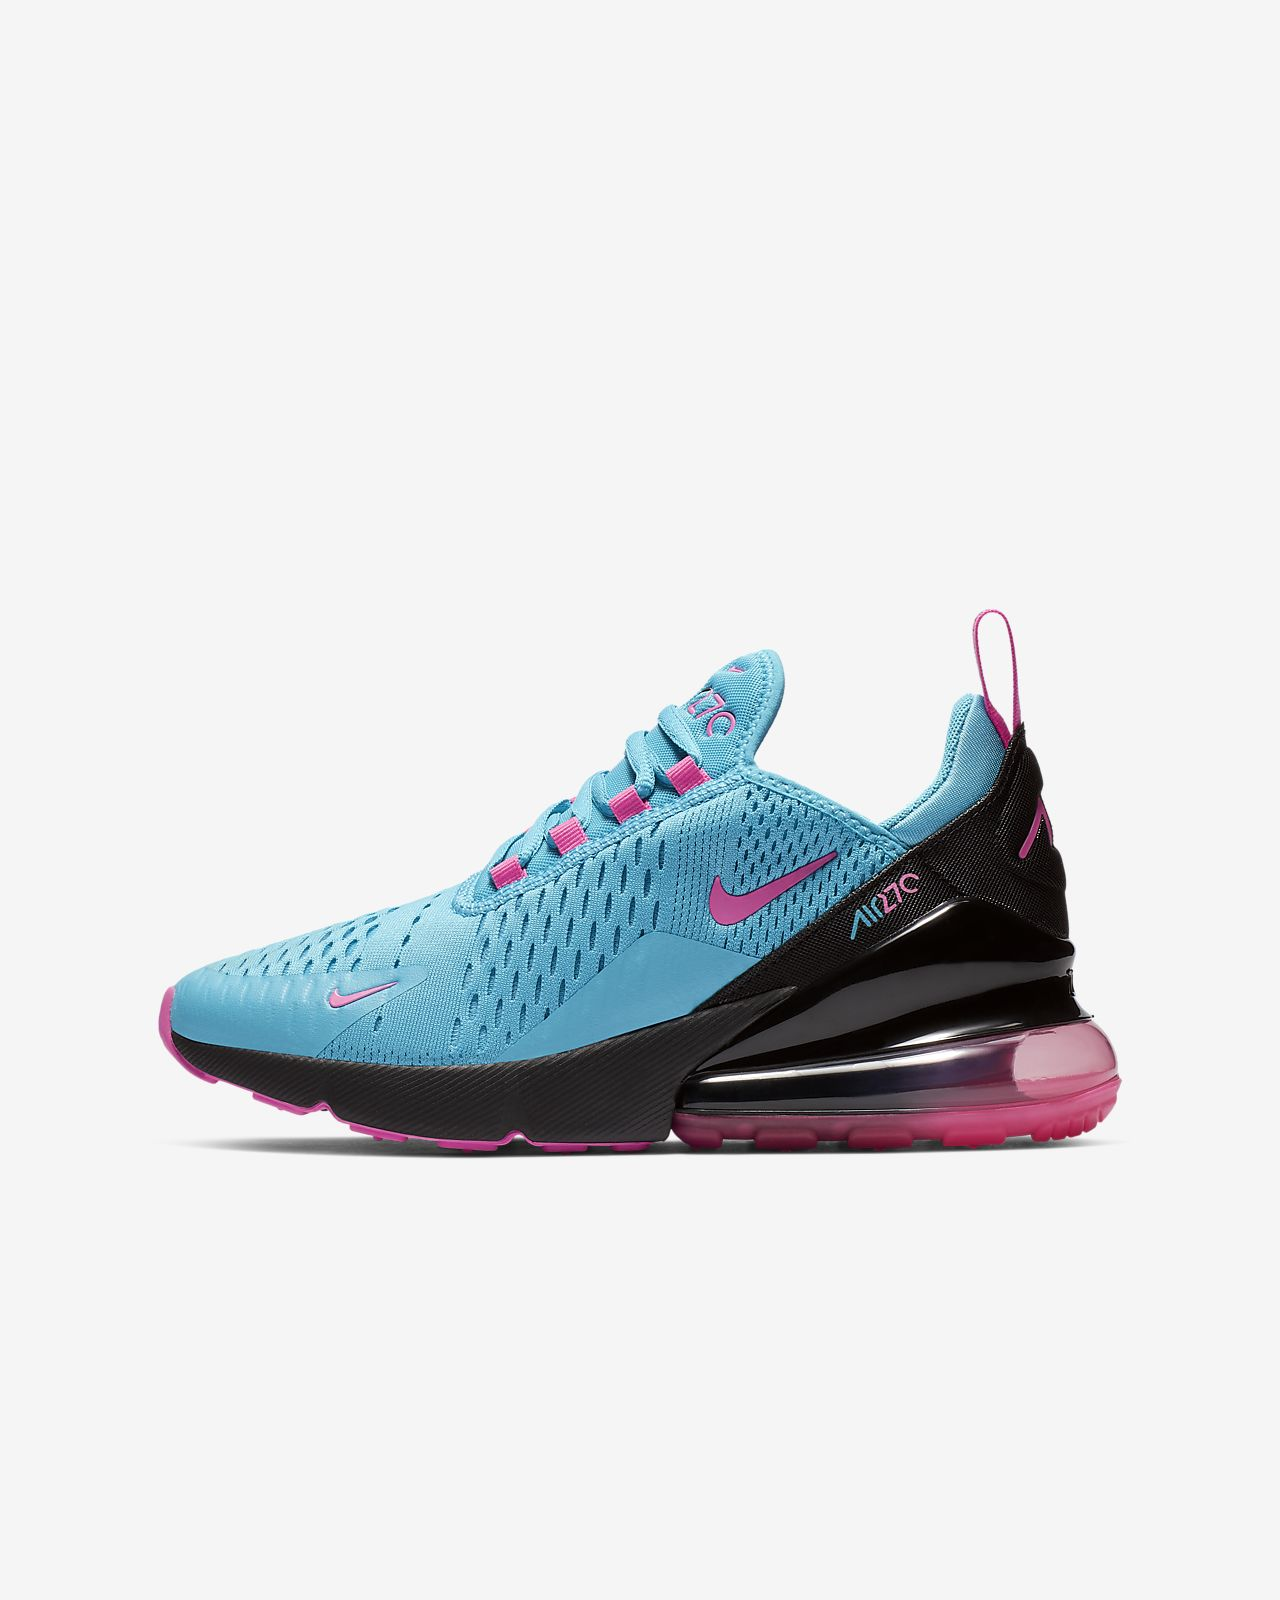 meet 588ab d0a87 ... Air Max 270 Big Kids  Shoe